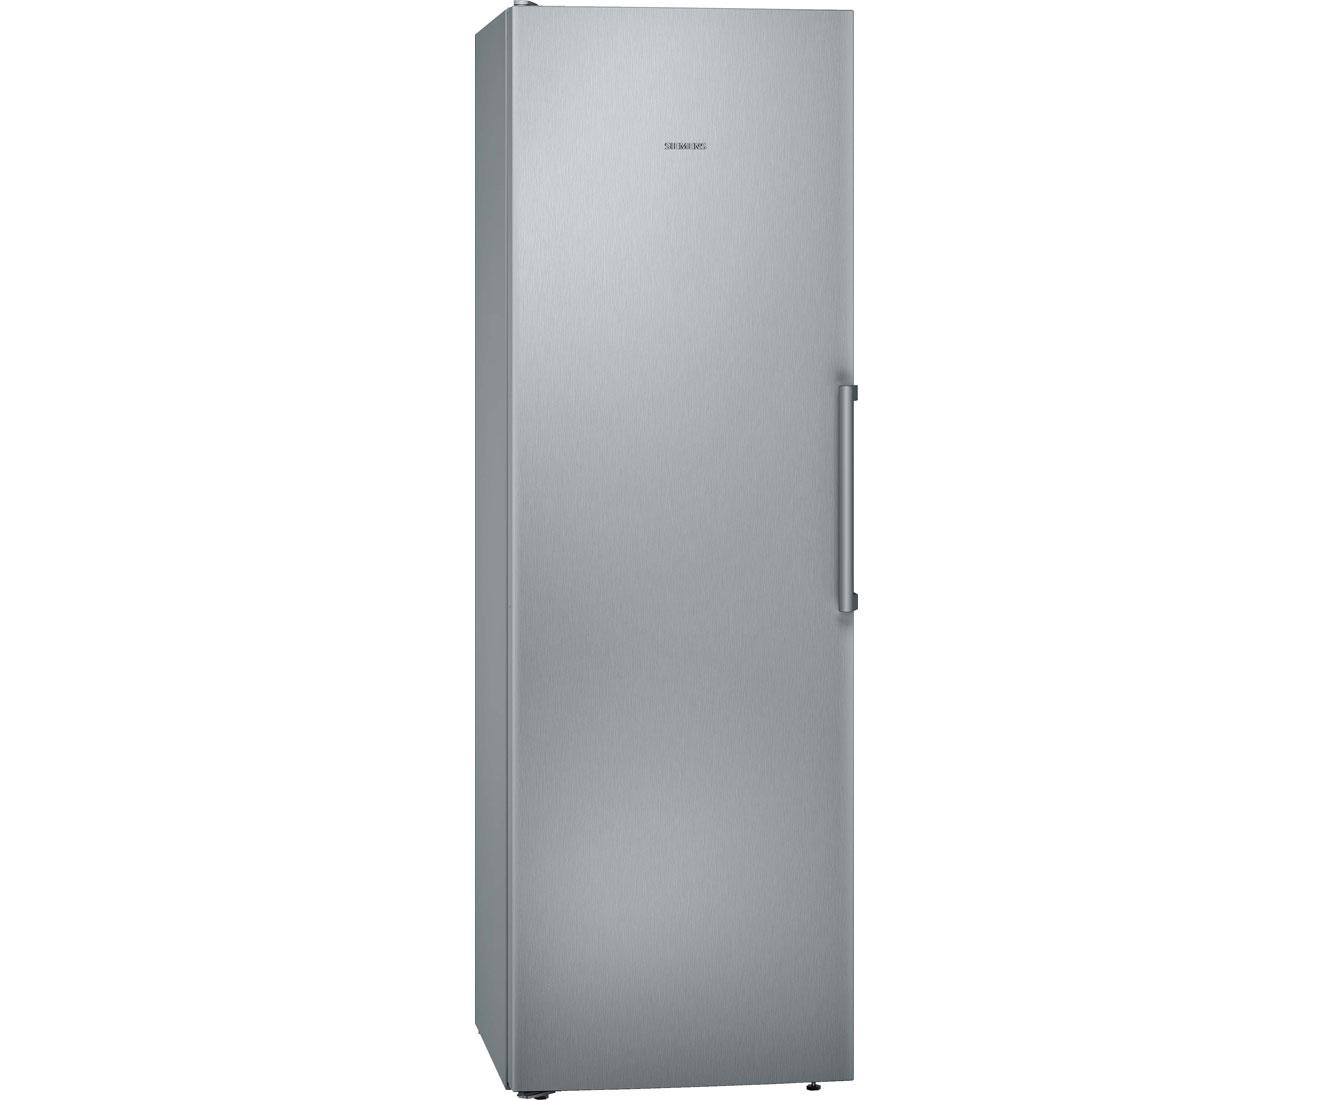 Aeg Kühlschrank Preis : Kühlschrank preisvergleich aeg sfe81426zc preisvergleich